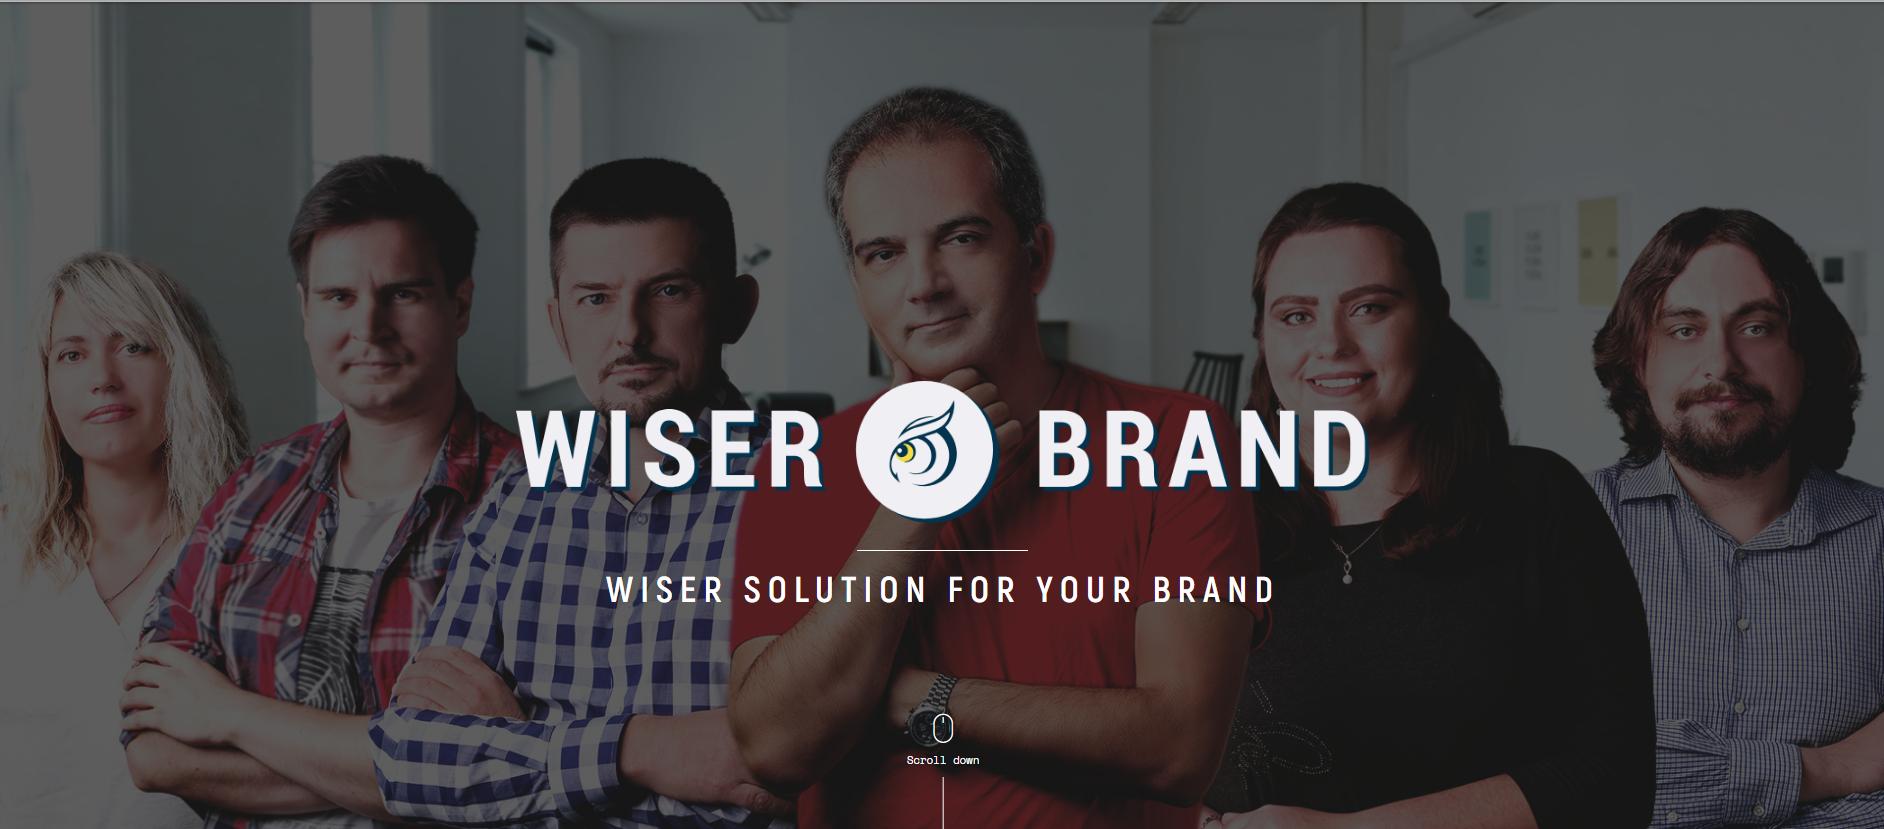 wiserbrand agency